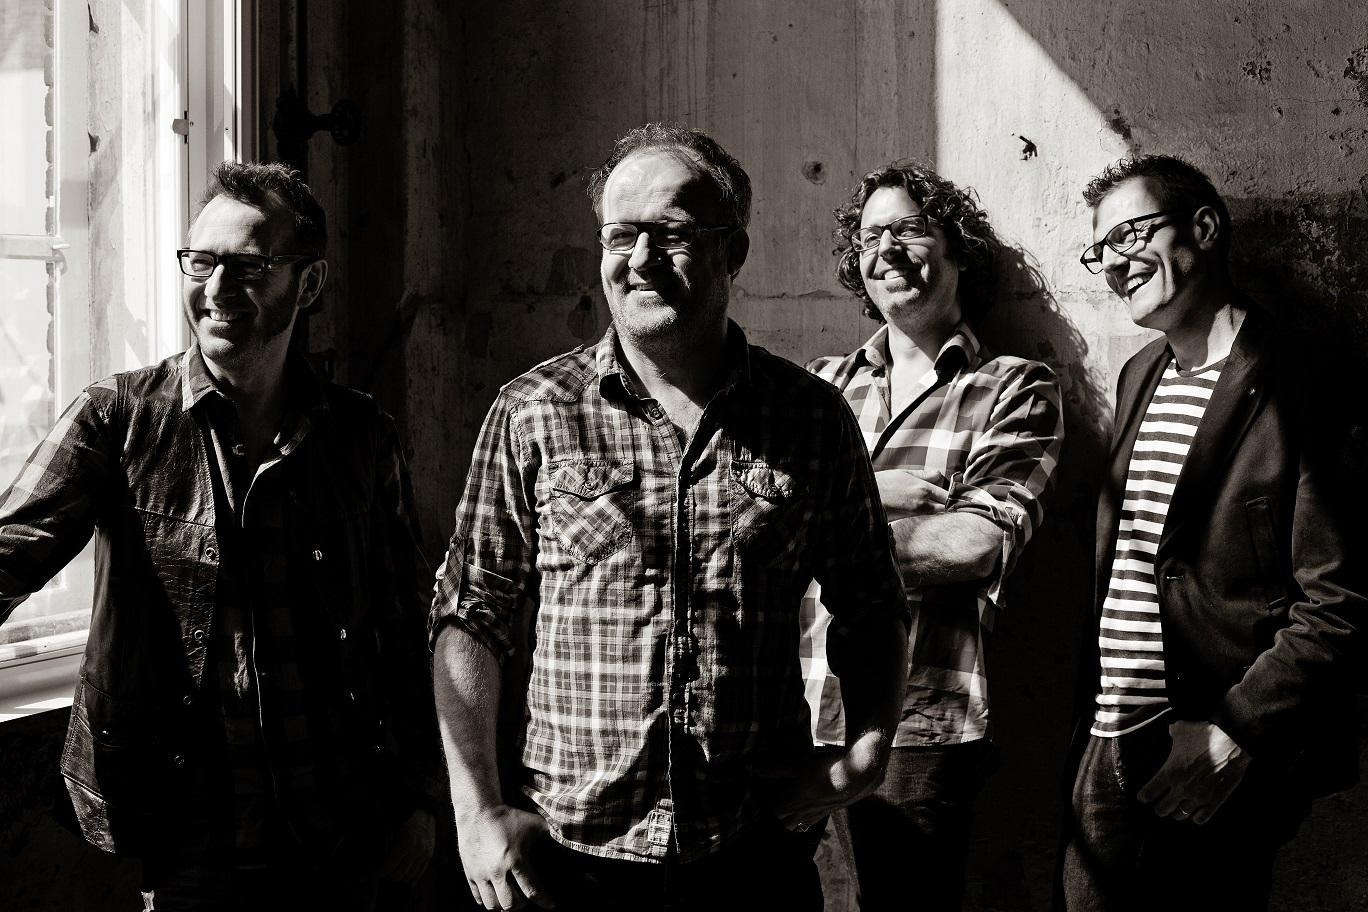 Afbeeldingsresultaat voor Callahan Clearwater Revival Band - 12 augustus 2017